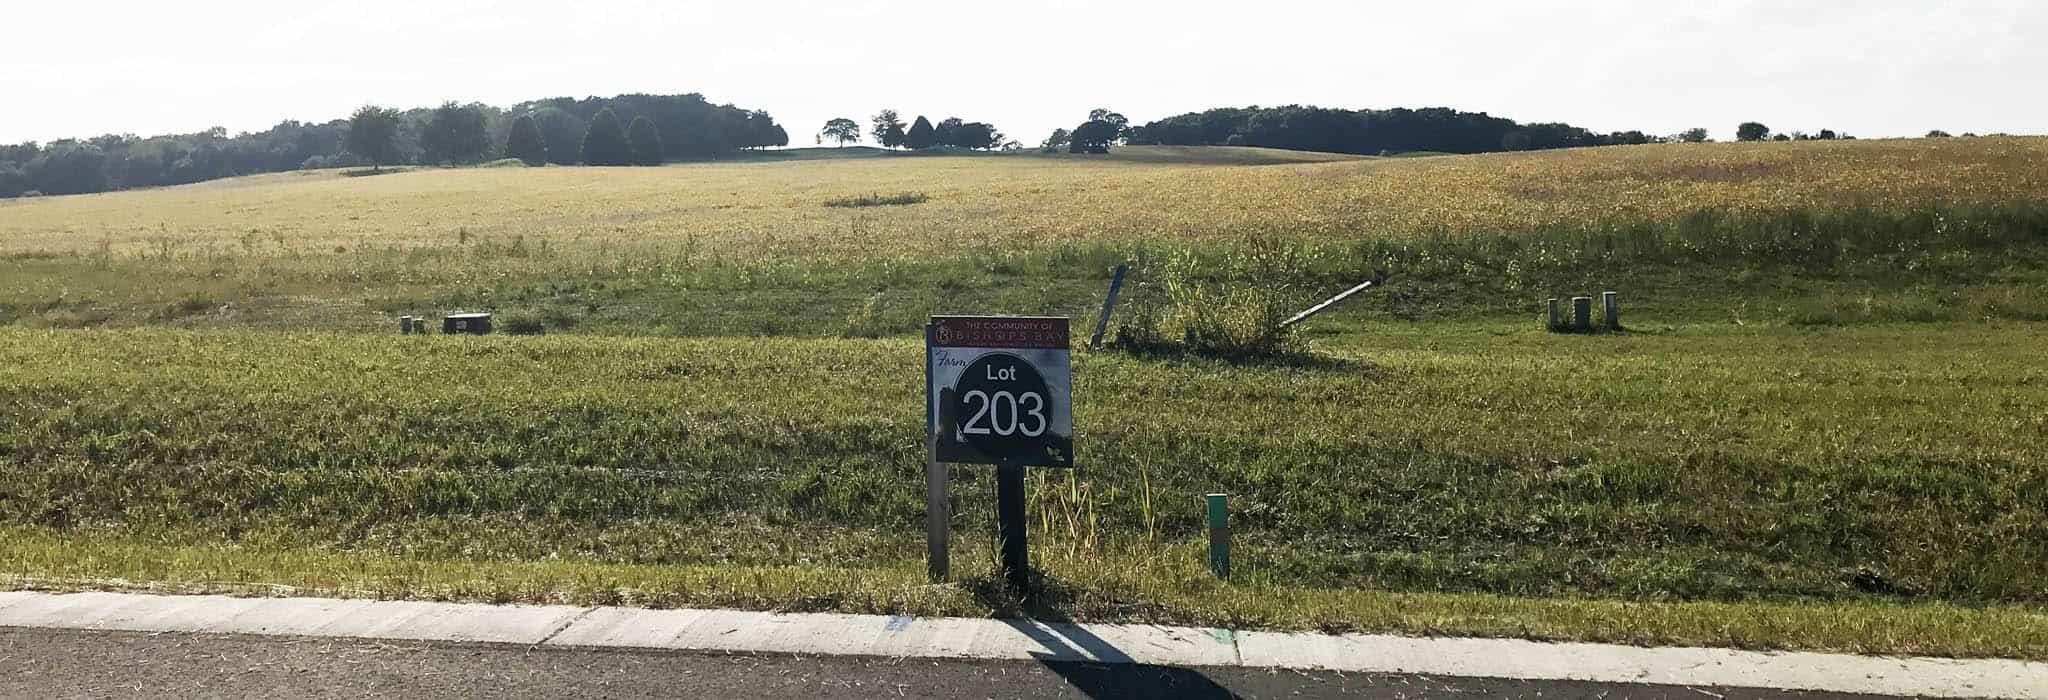 Farm Lot 203